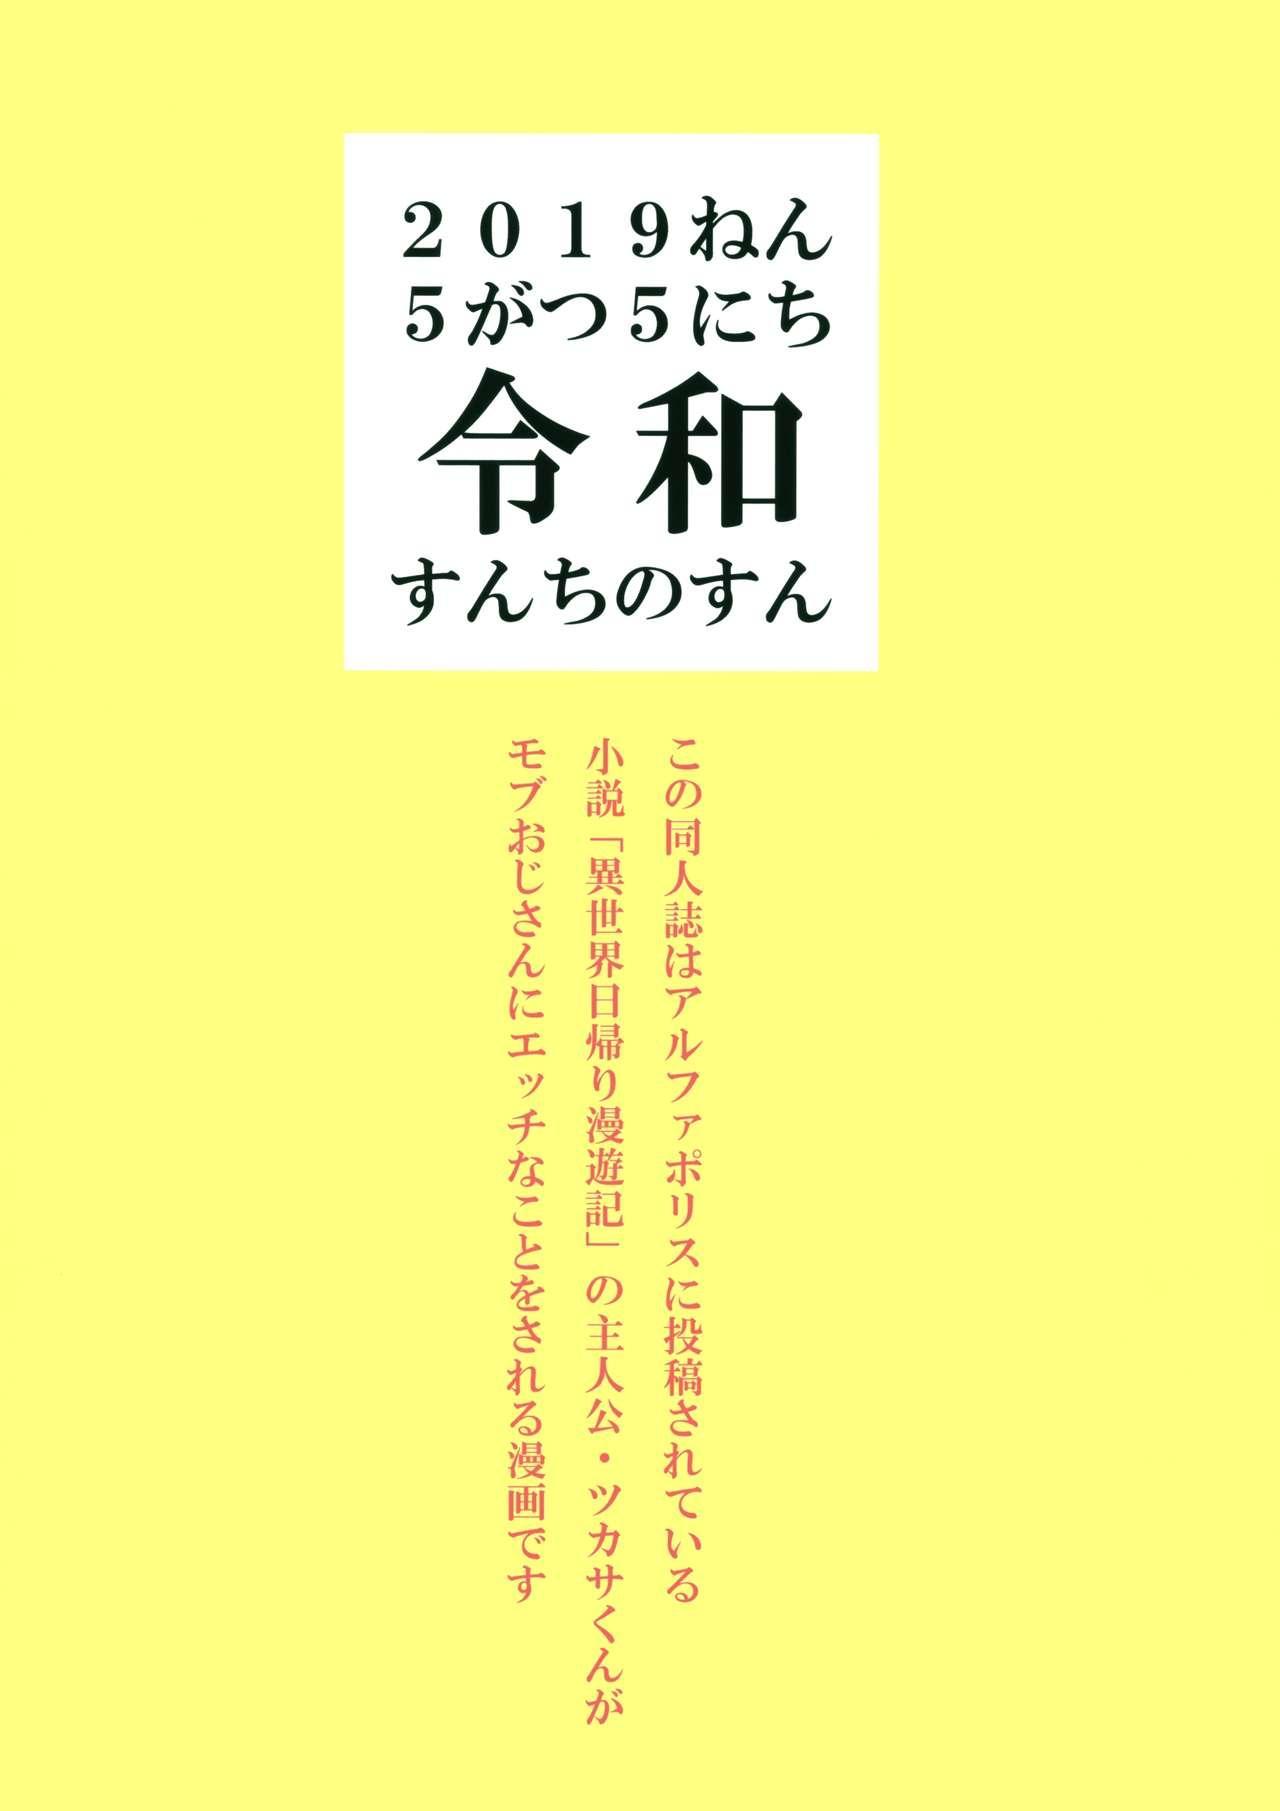 Ubu Souna Shounen o Saimin Choukyou Shiyou to Omottara Sumidattanode Soku Hame Shitatta 25